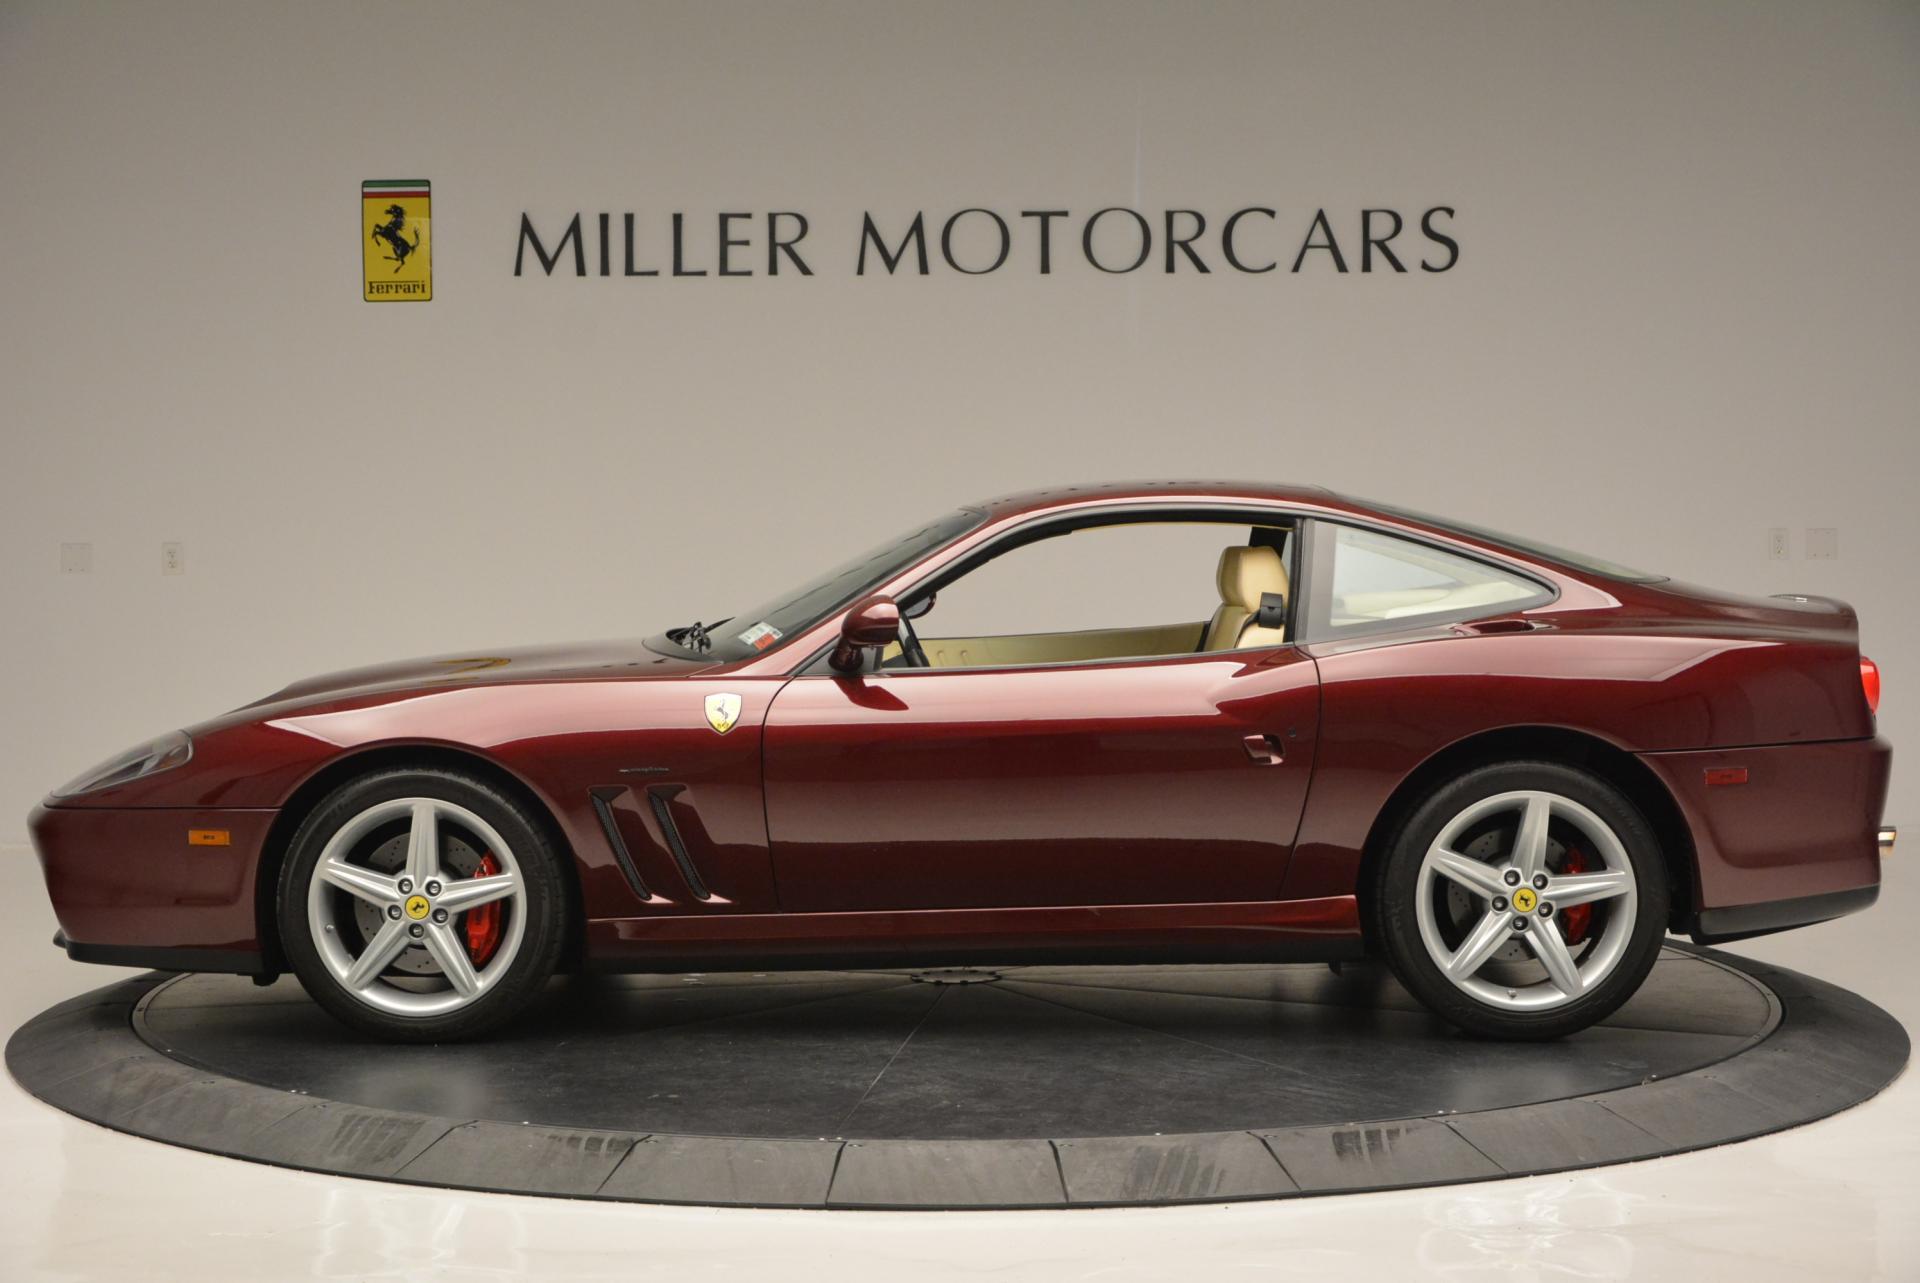 Used 2003 Ferrari 575M Maranello 6-Speed Manual For Sale In Greenwich, CT 143_p3